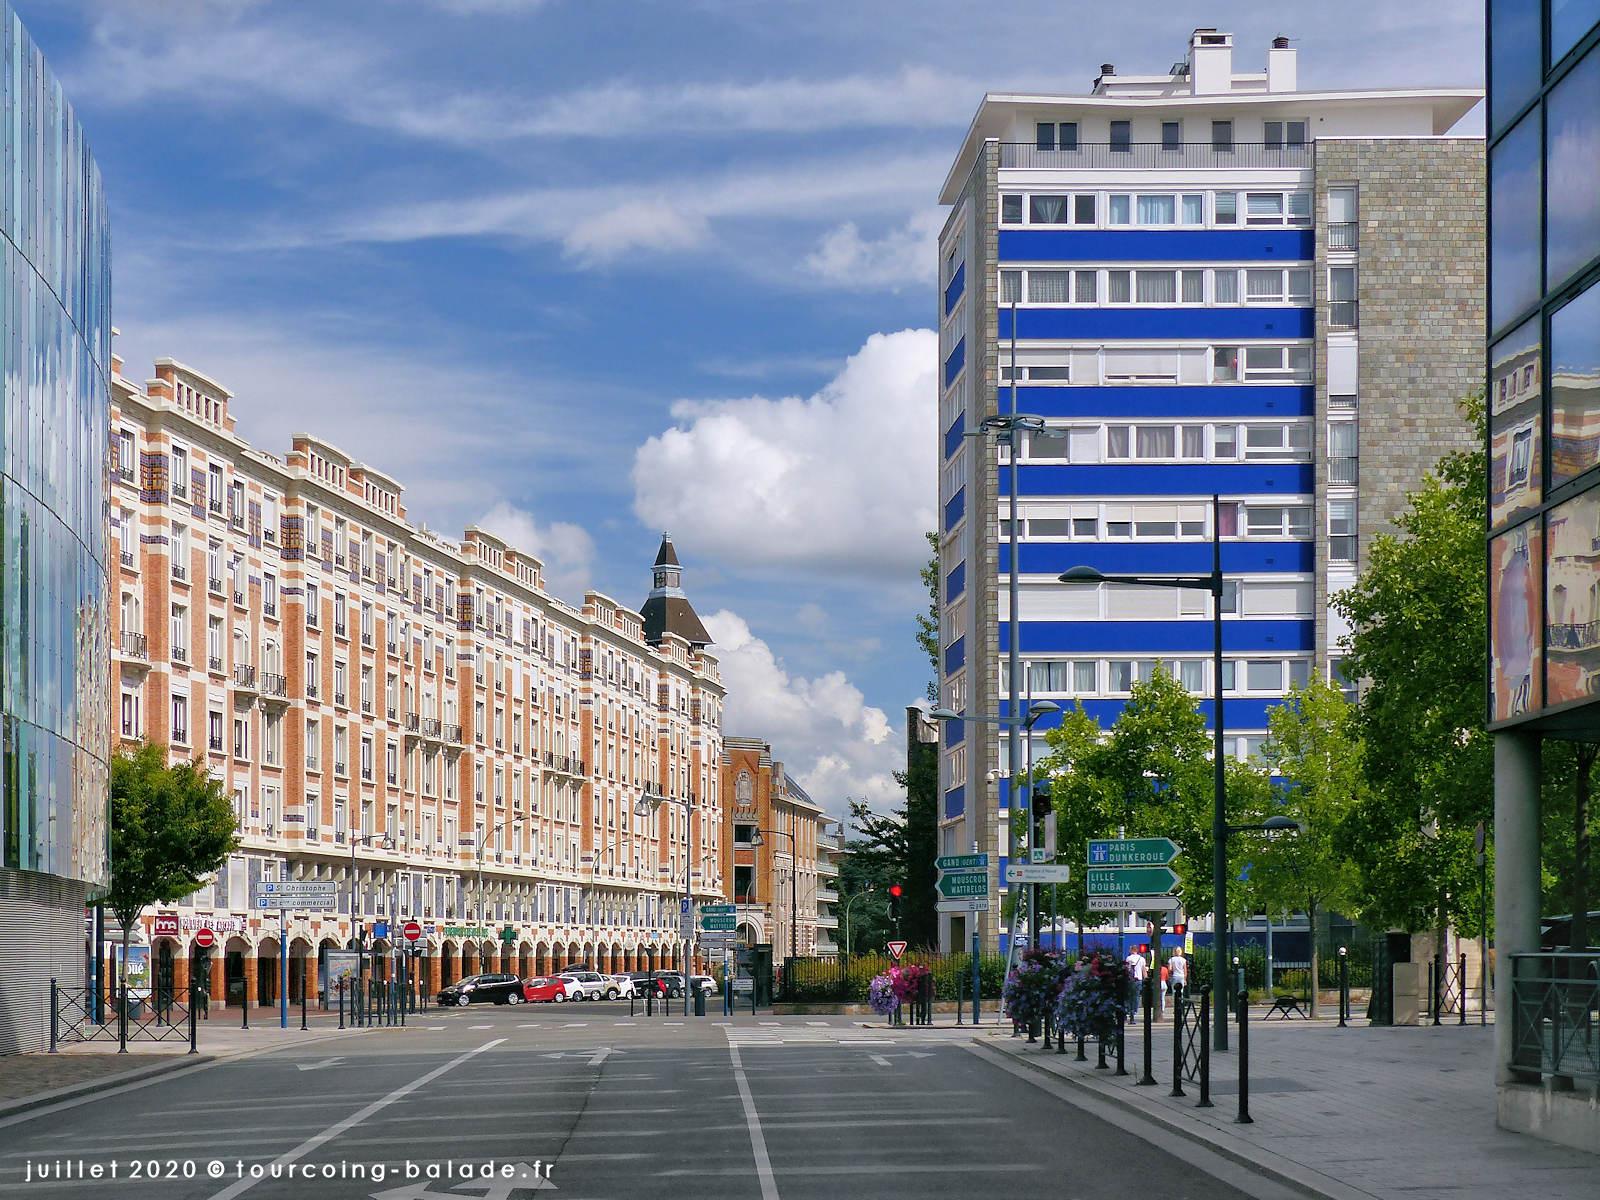 Rue Fidèle Lehoucq et Avenue Gustave Dron, Tourcoing 2020